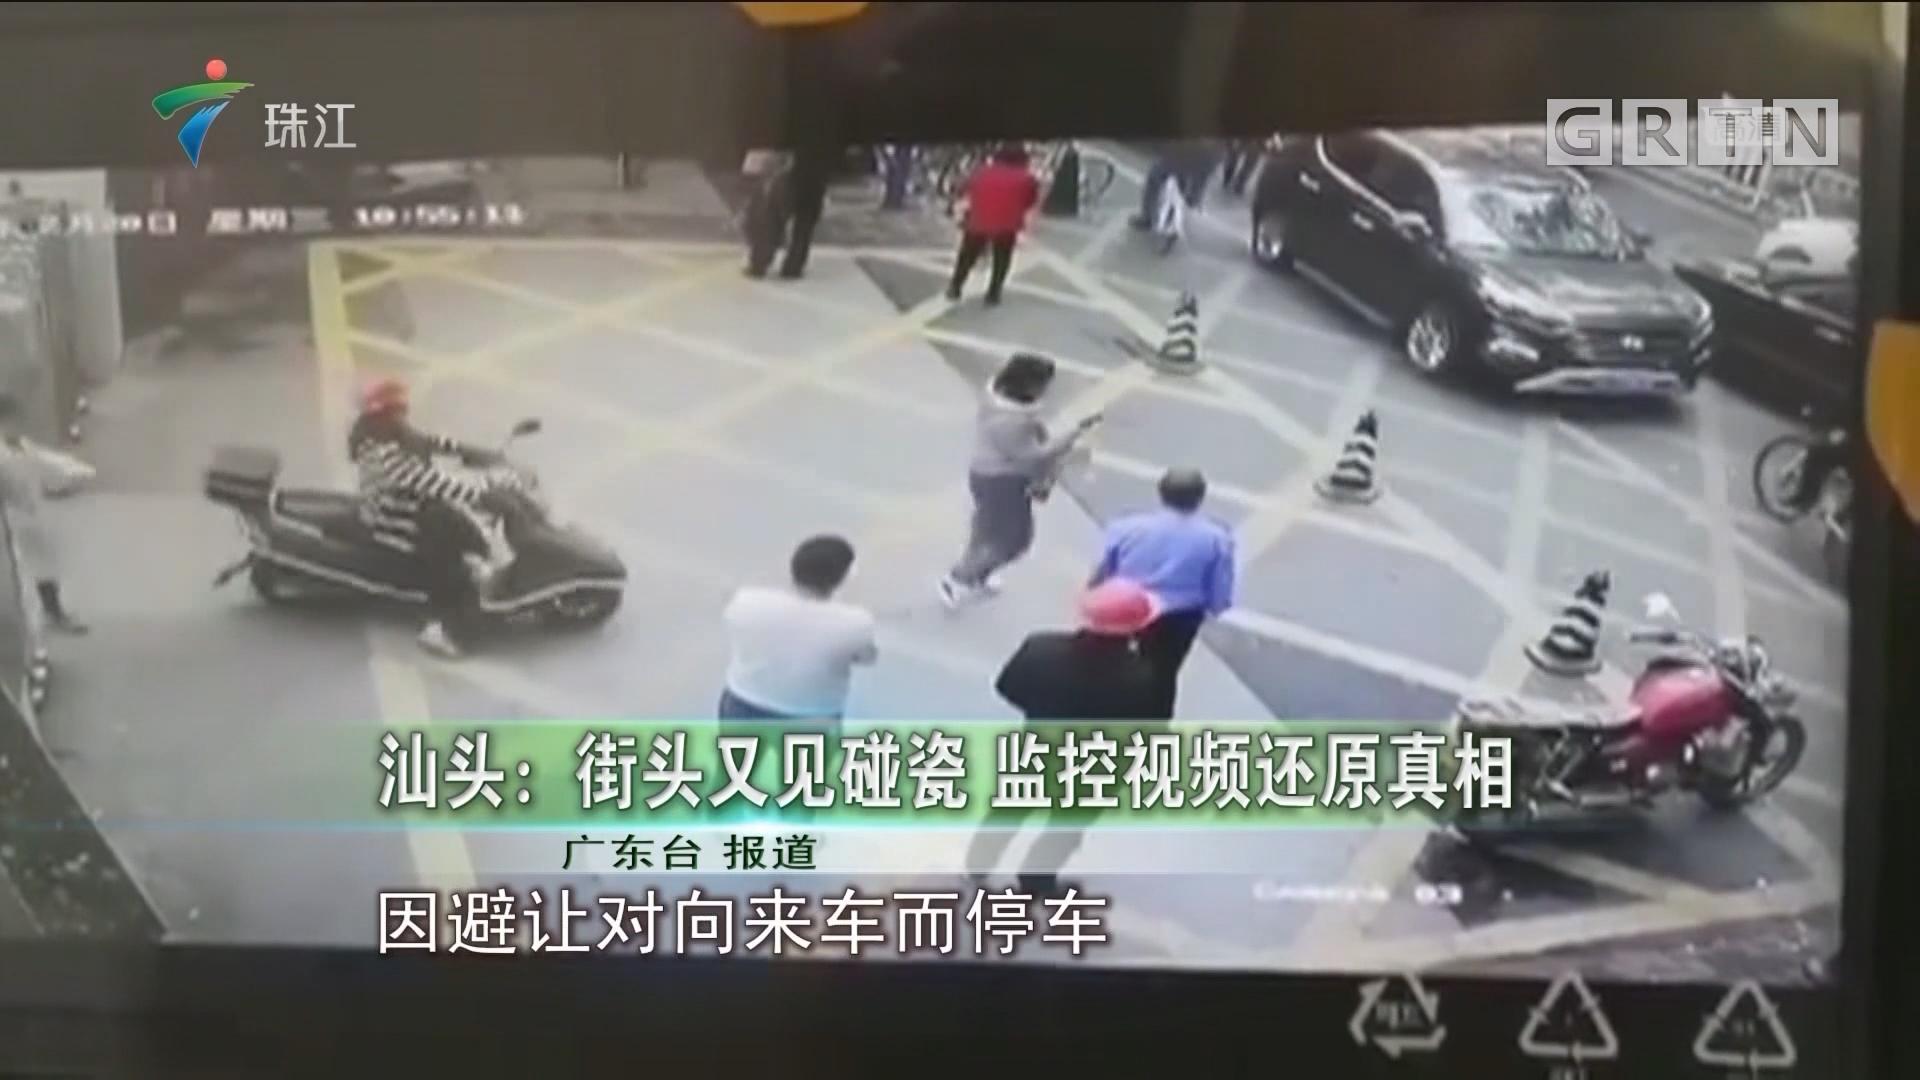 汕头:街头又见碰瓷 监控视频还原真相